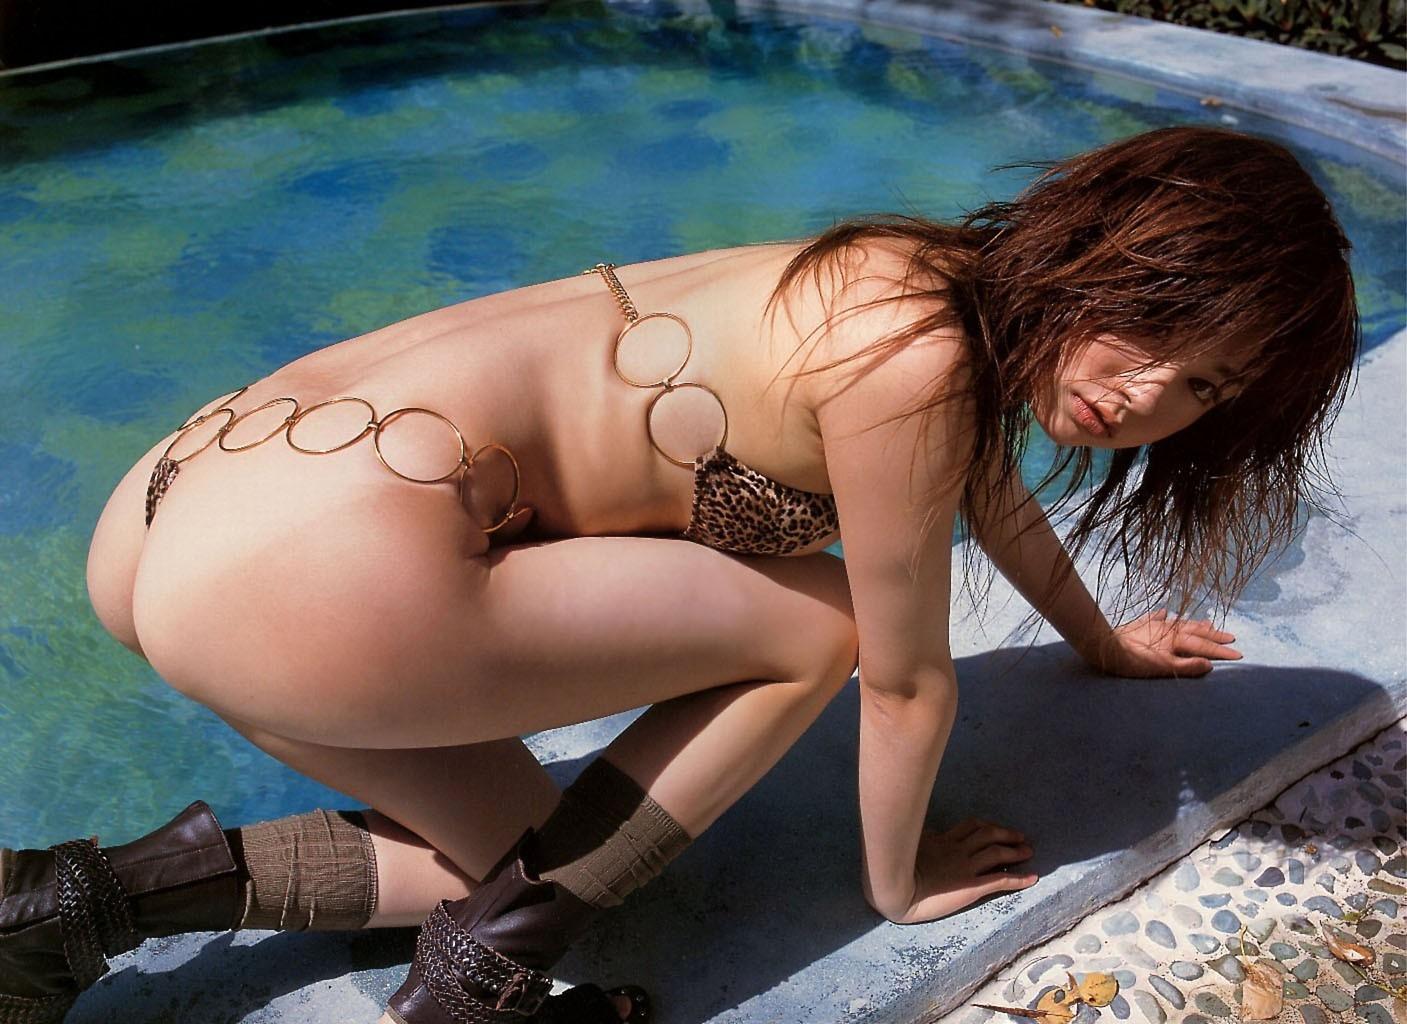 【水着エロ画像】こんなエグいのを…今にも見えそうな過激水着グラドル(*´д`*)